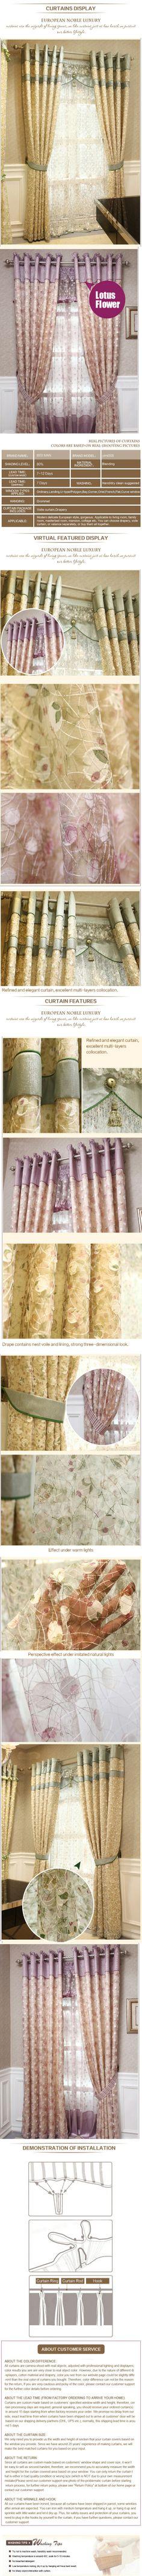 luxury window curtain - Korean Bird Nest $101  (55% off)